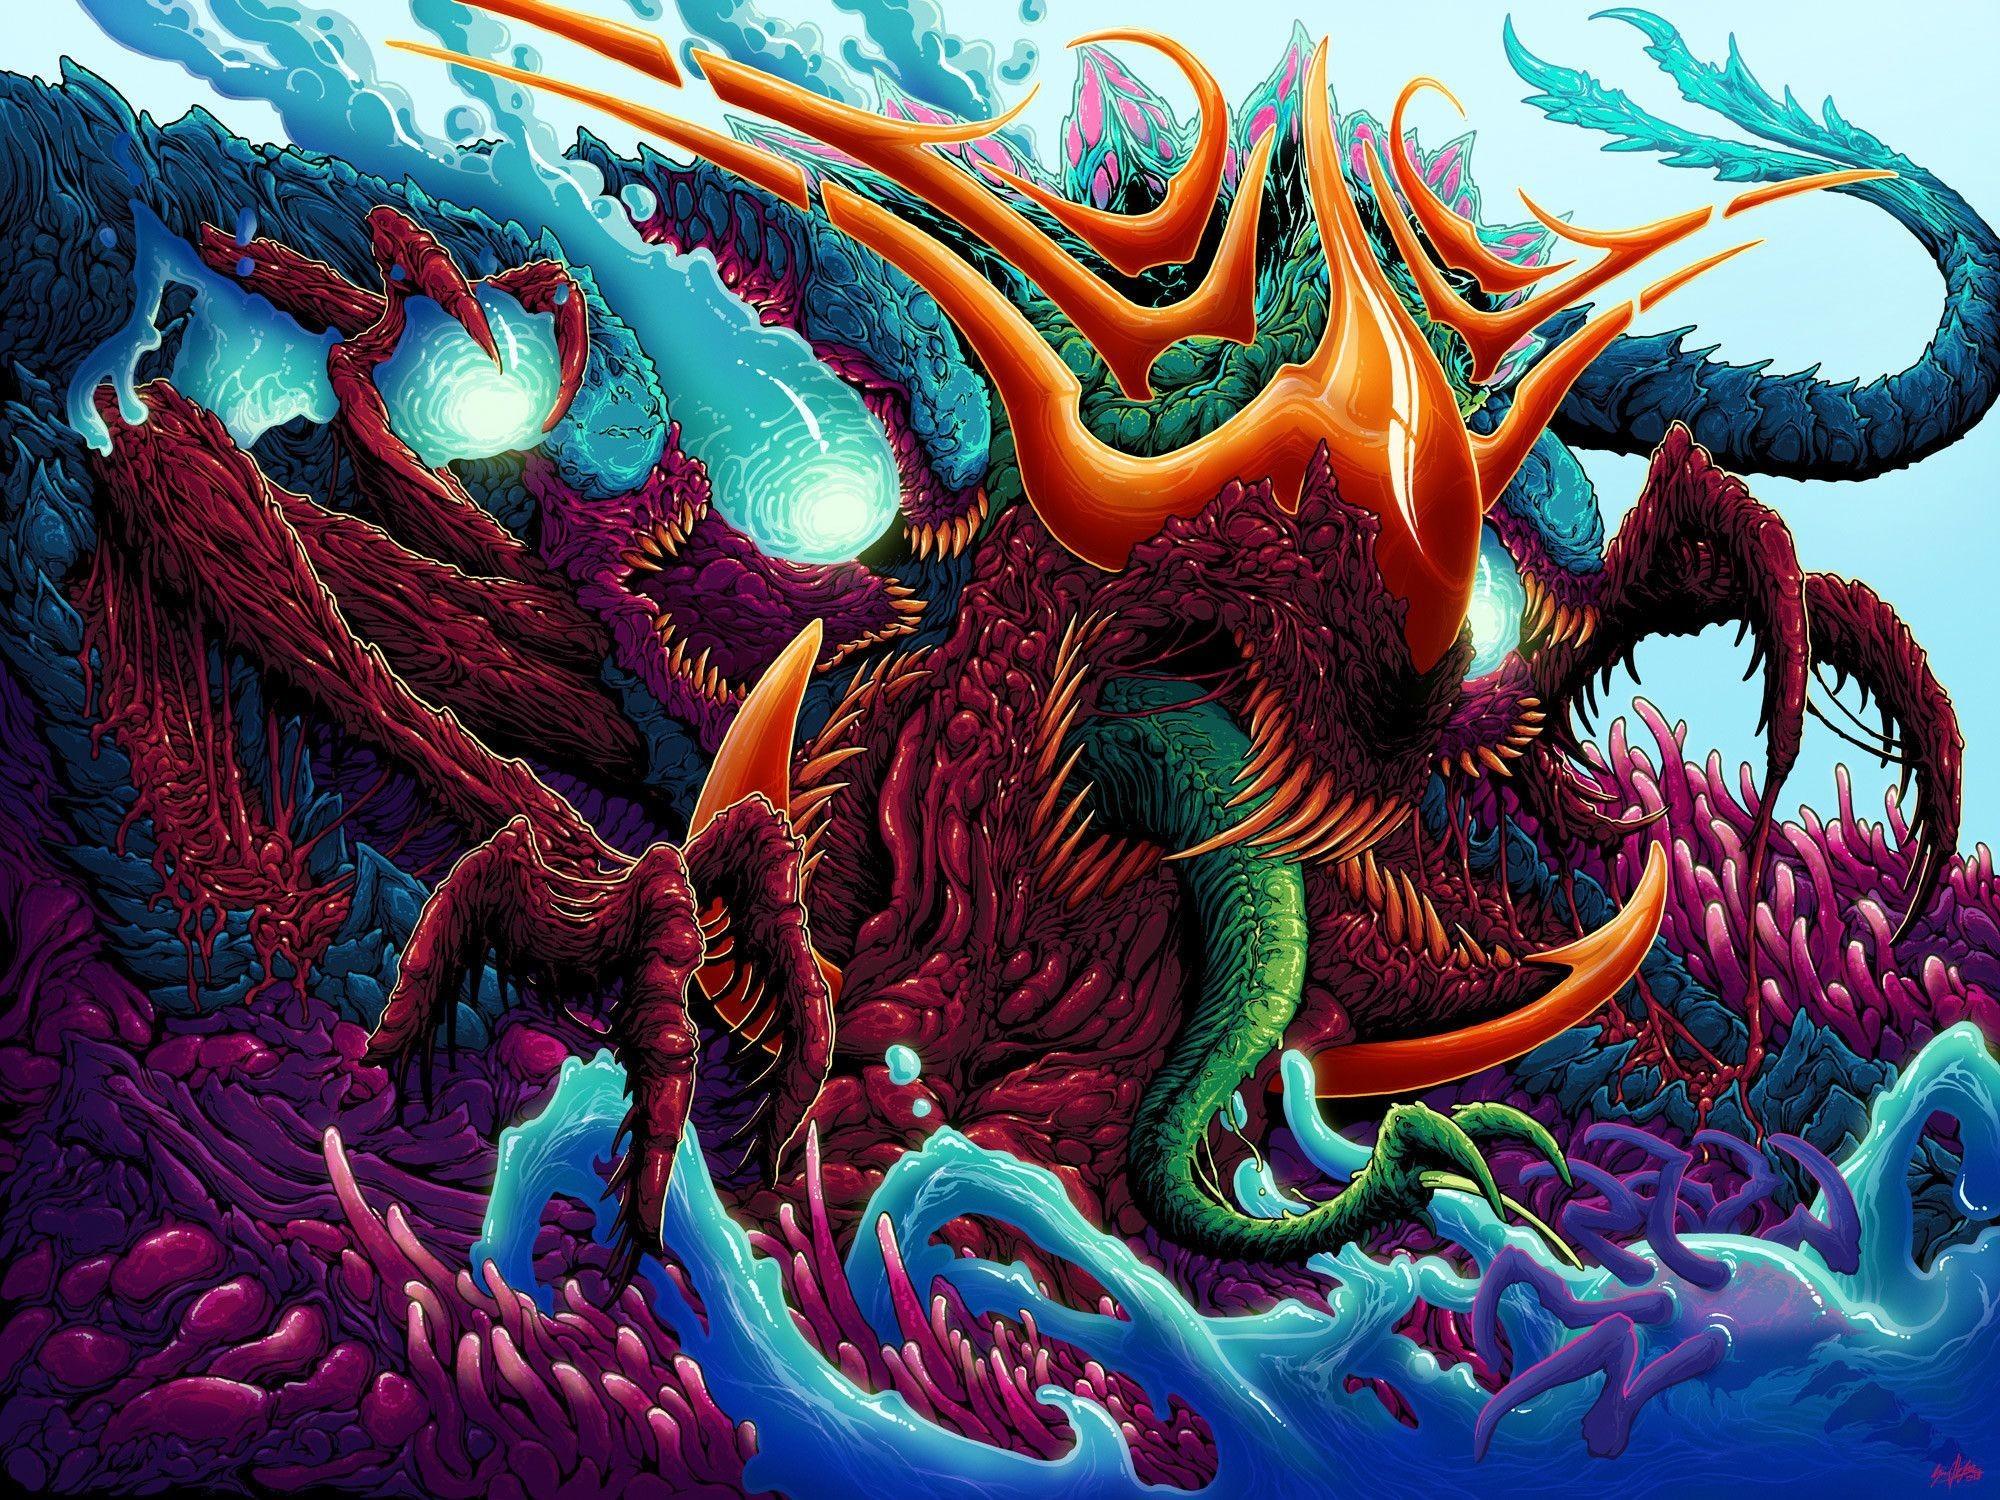 Awp Hyper Beast Wallpaper (85+ images)